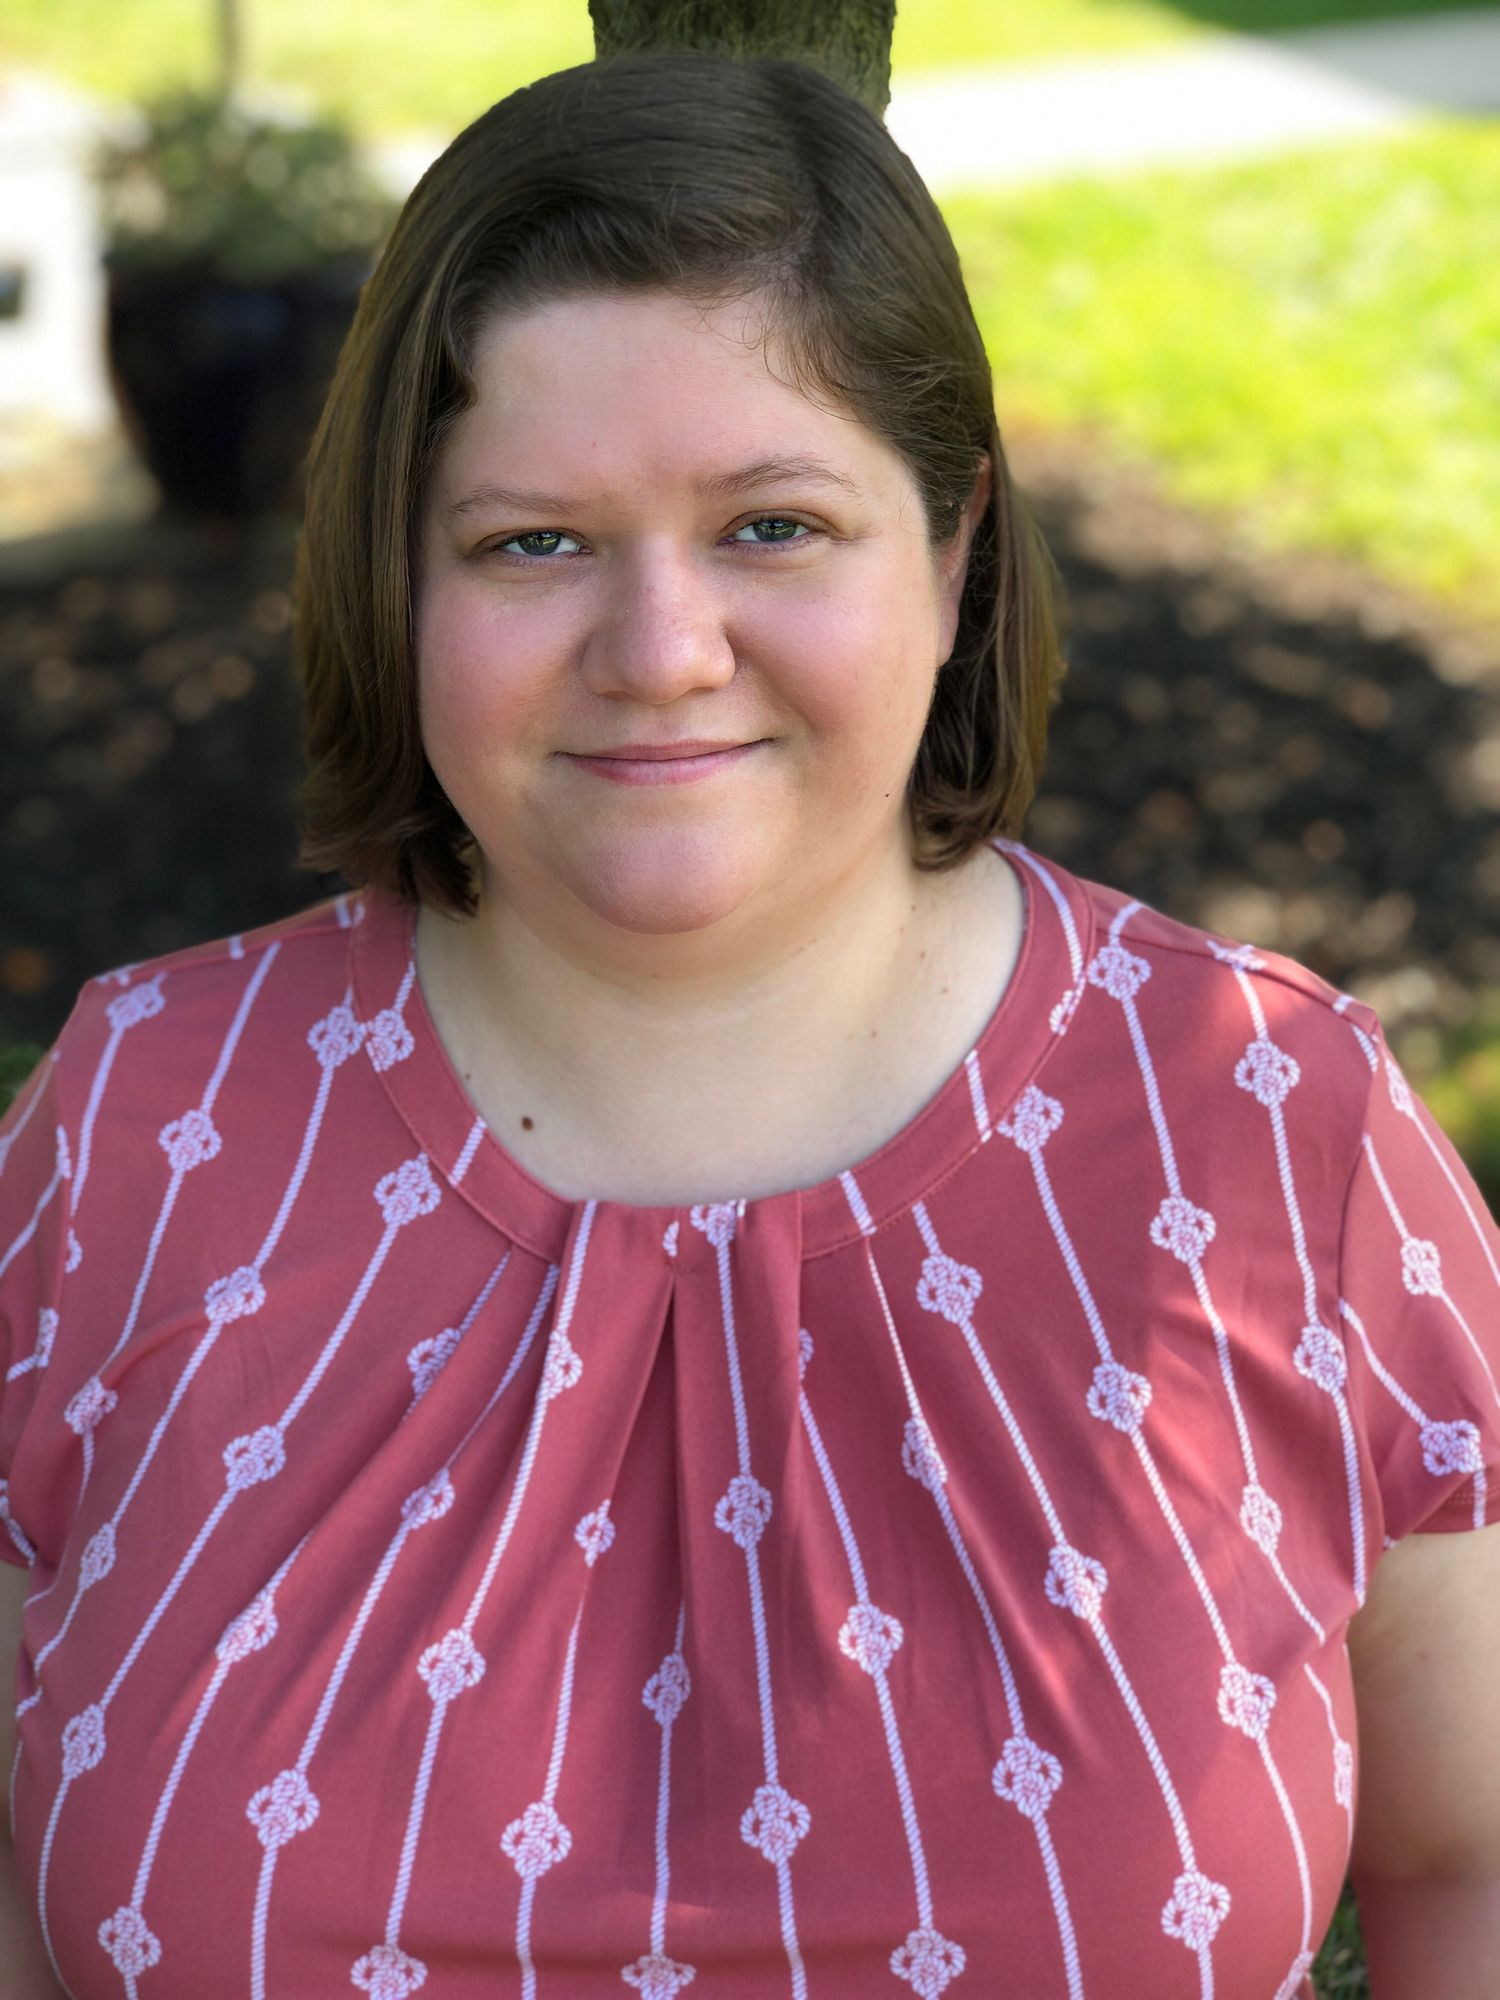 Megan Mason